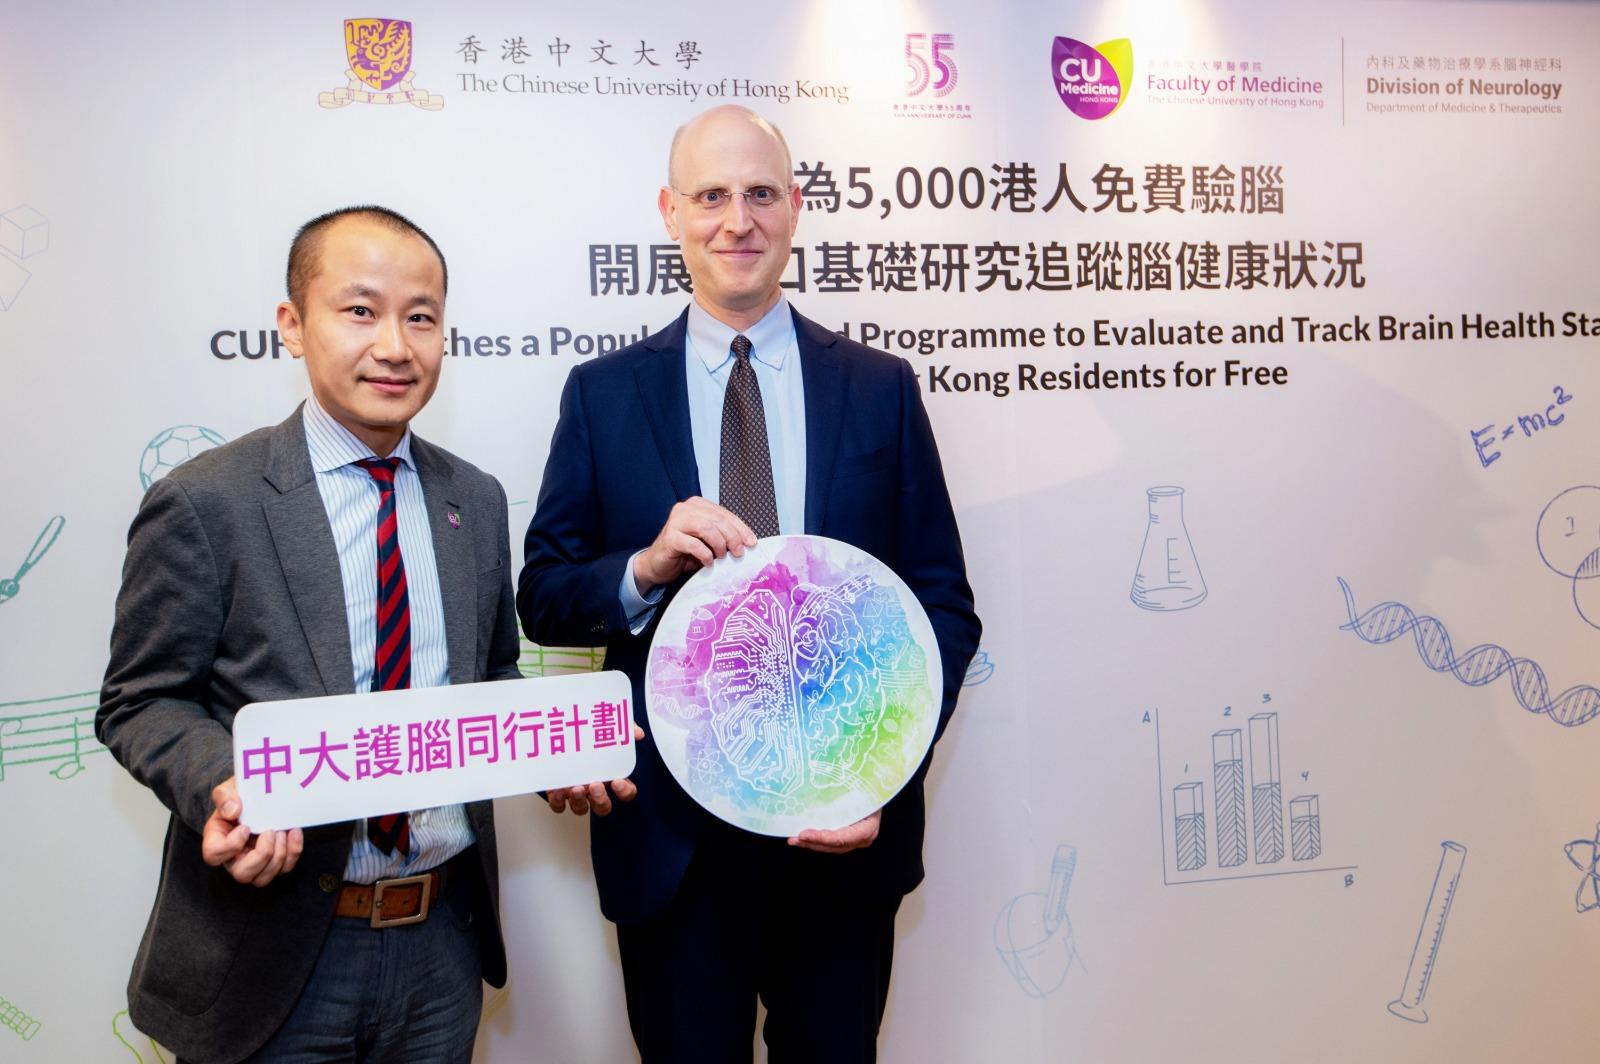 中大醫學院開展「中大護腦同行計劃」,為5,000名香港永久居民提供免費臨床諮詢及檢查。